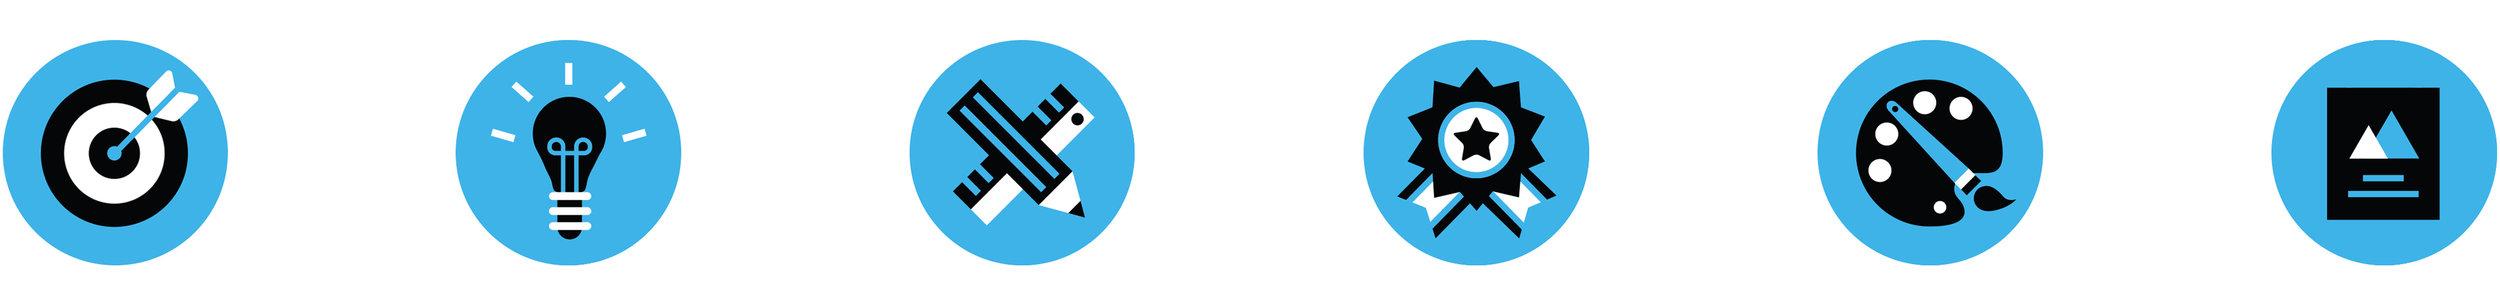 all-logos2.jpg